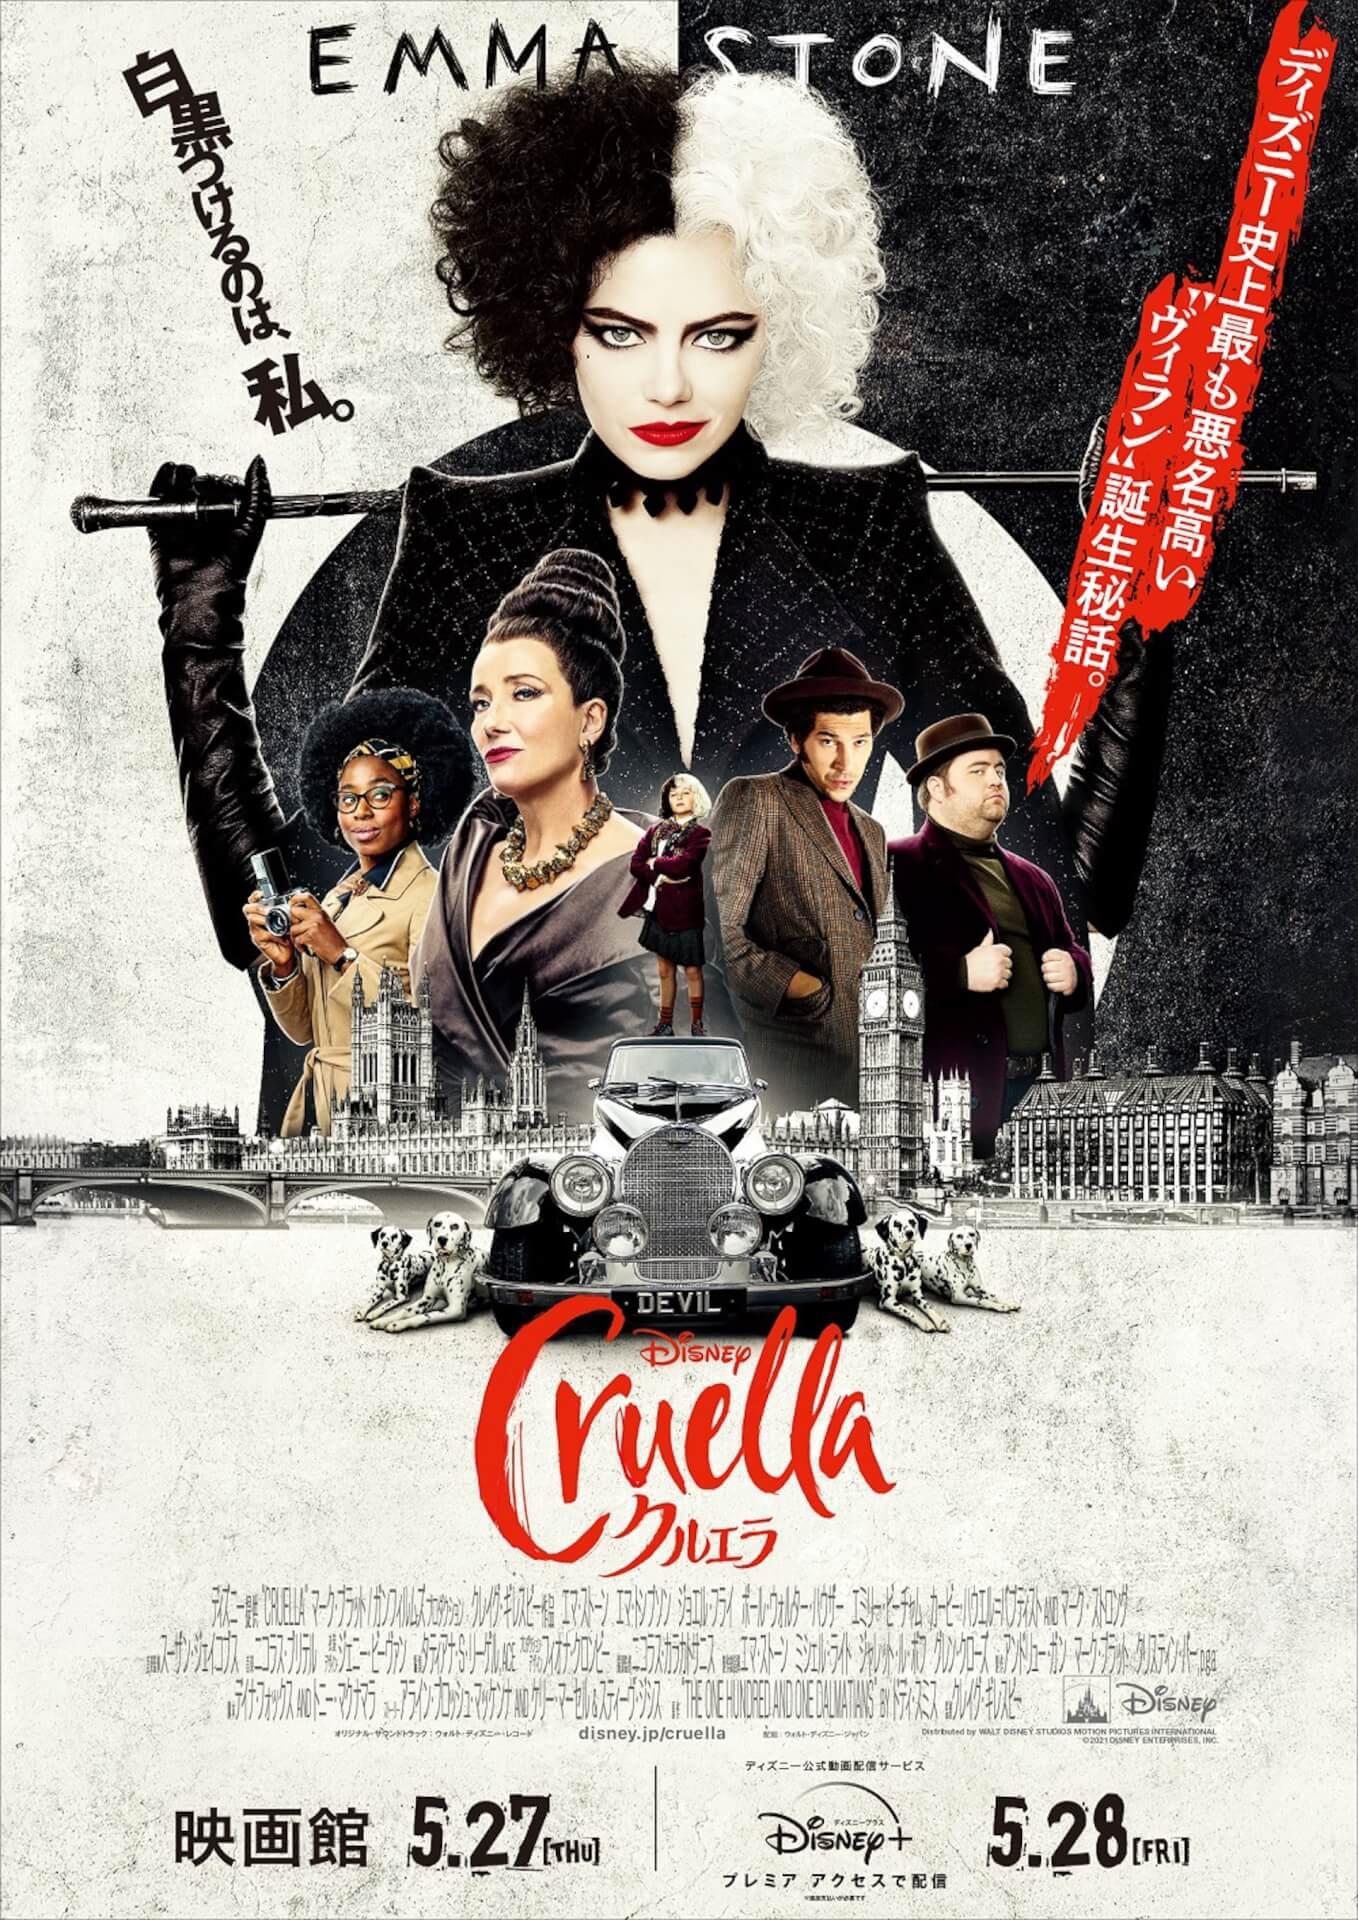 『クルエラ』クレイグ・ギレスピー監督がエマ・ストーン演じるクルエラの魅力を語る!インタビューが到着 film210513_cruella_4